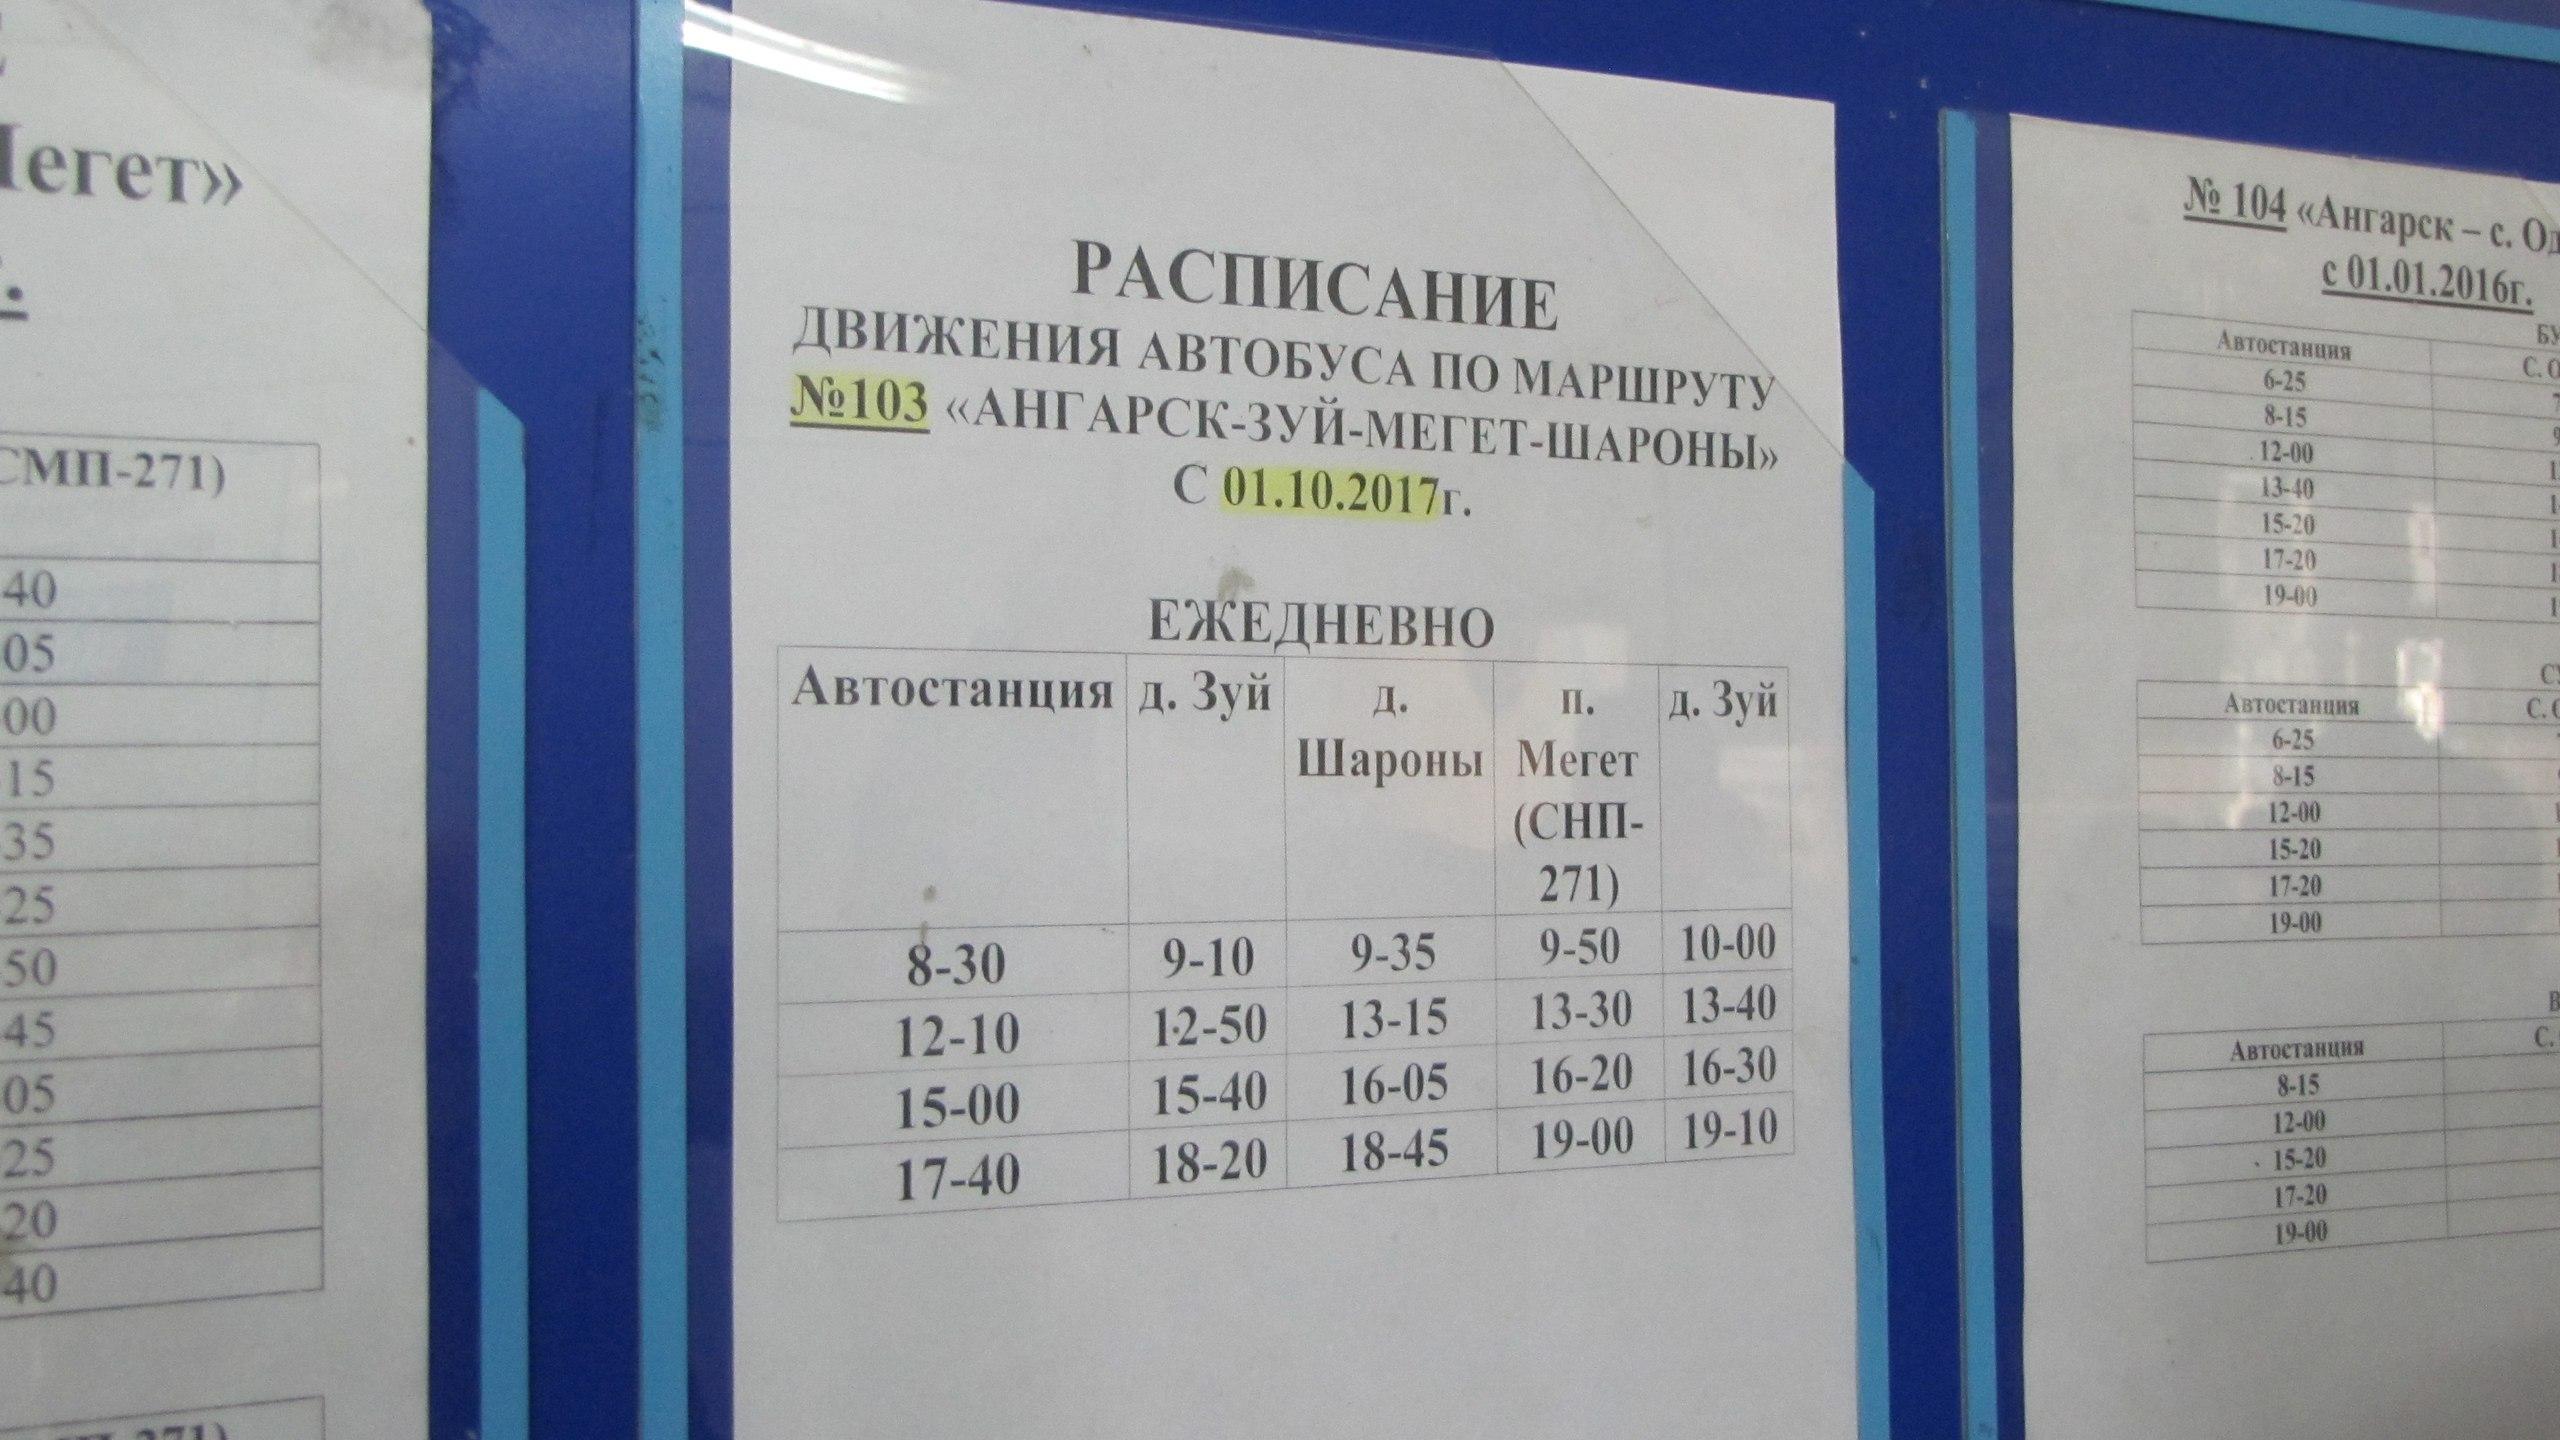 Ангарск схема автобусов